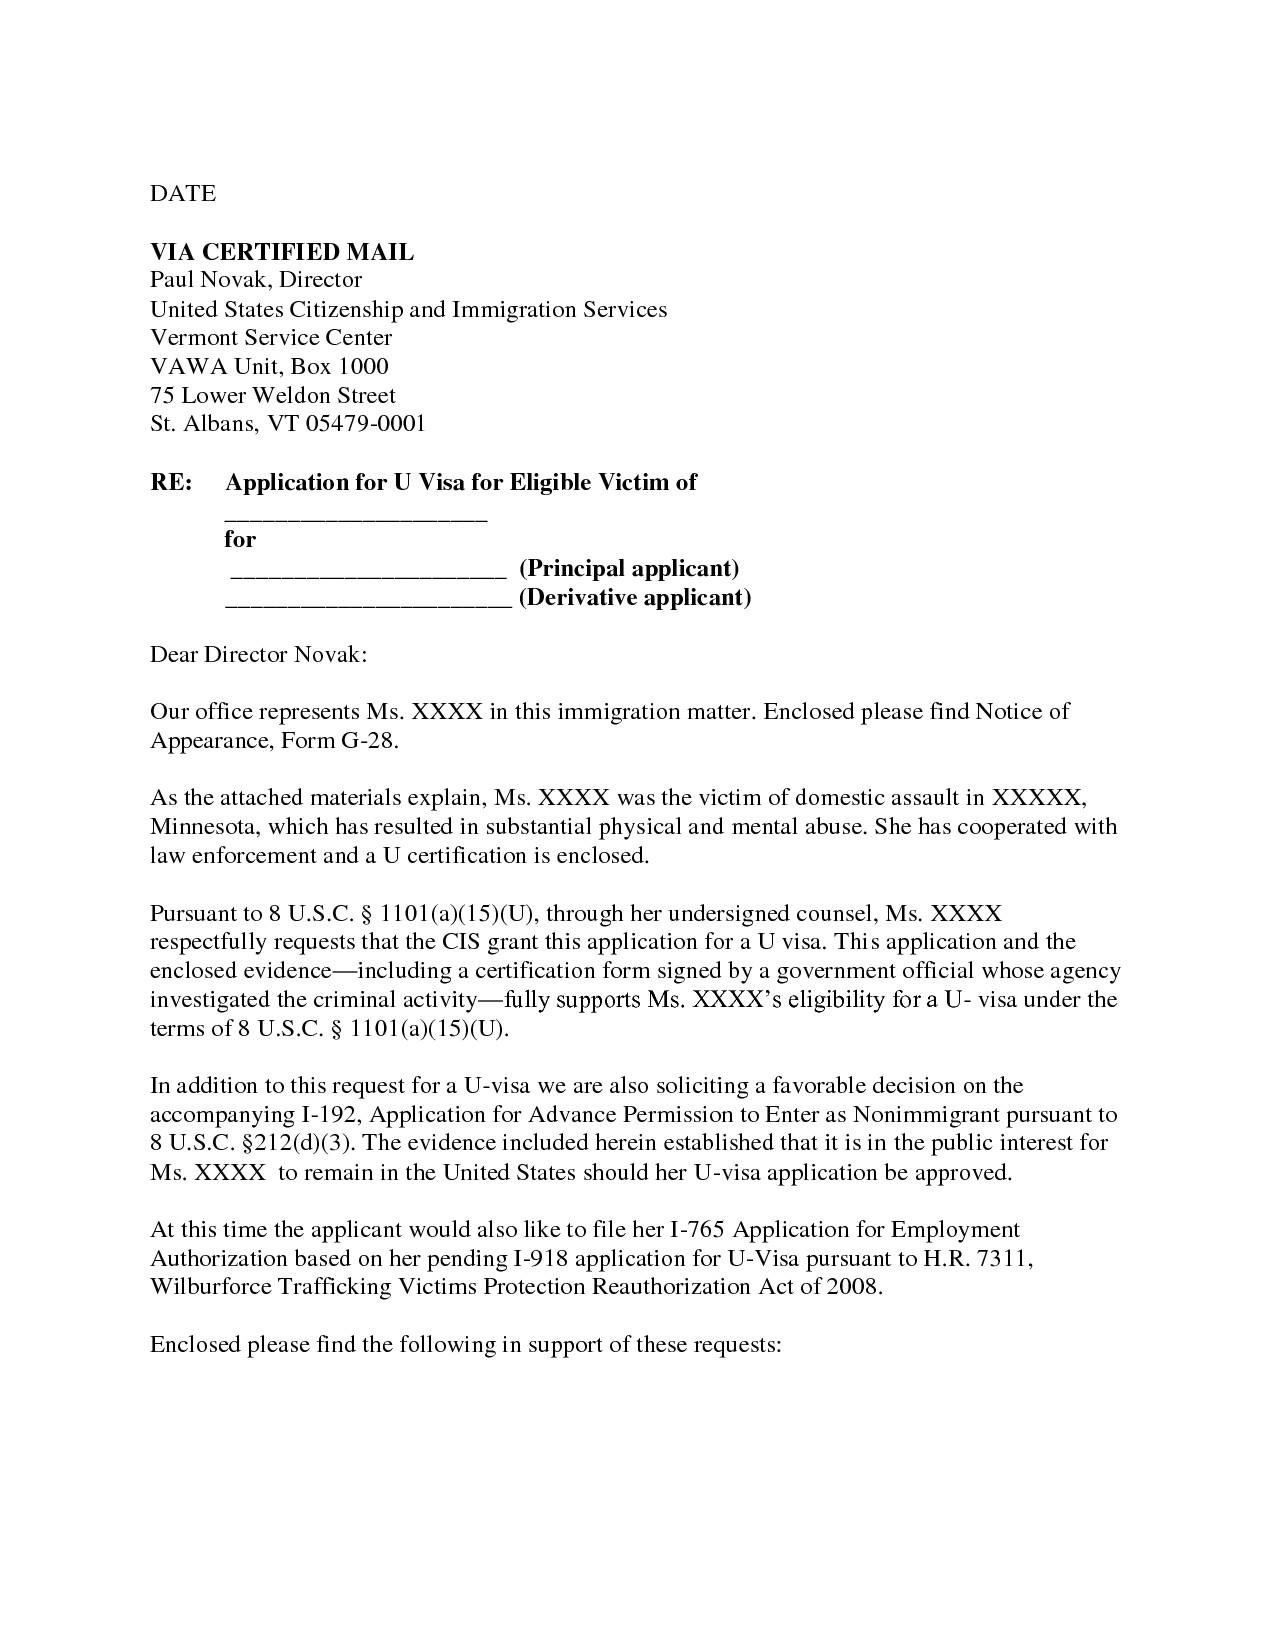 u visa cover letter sample